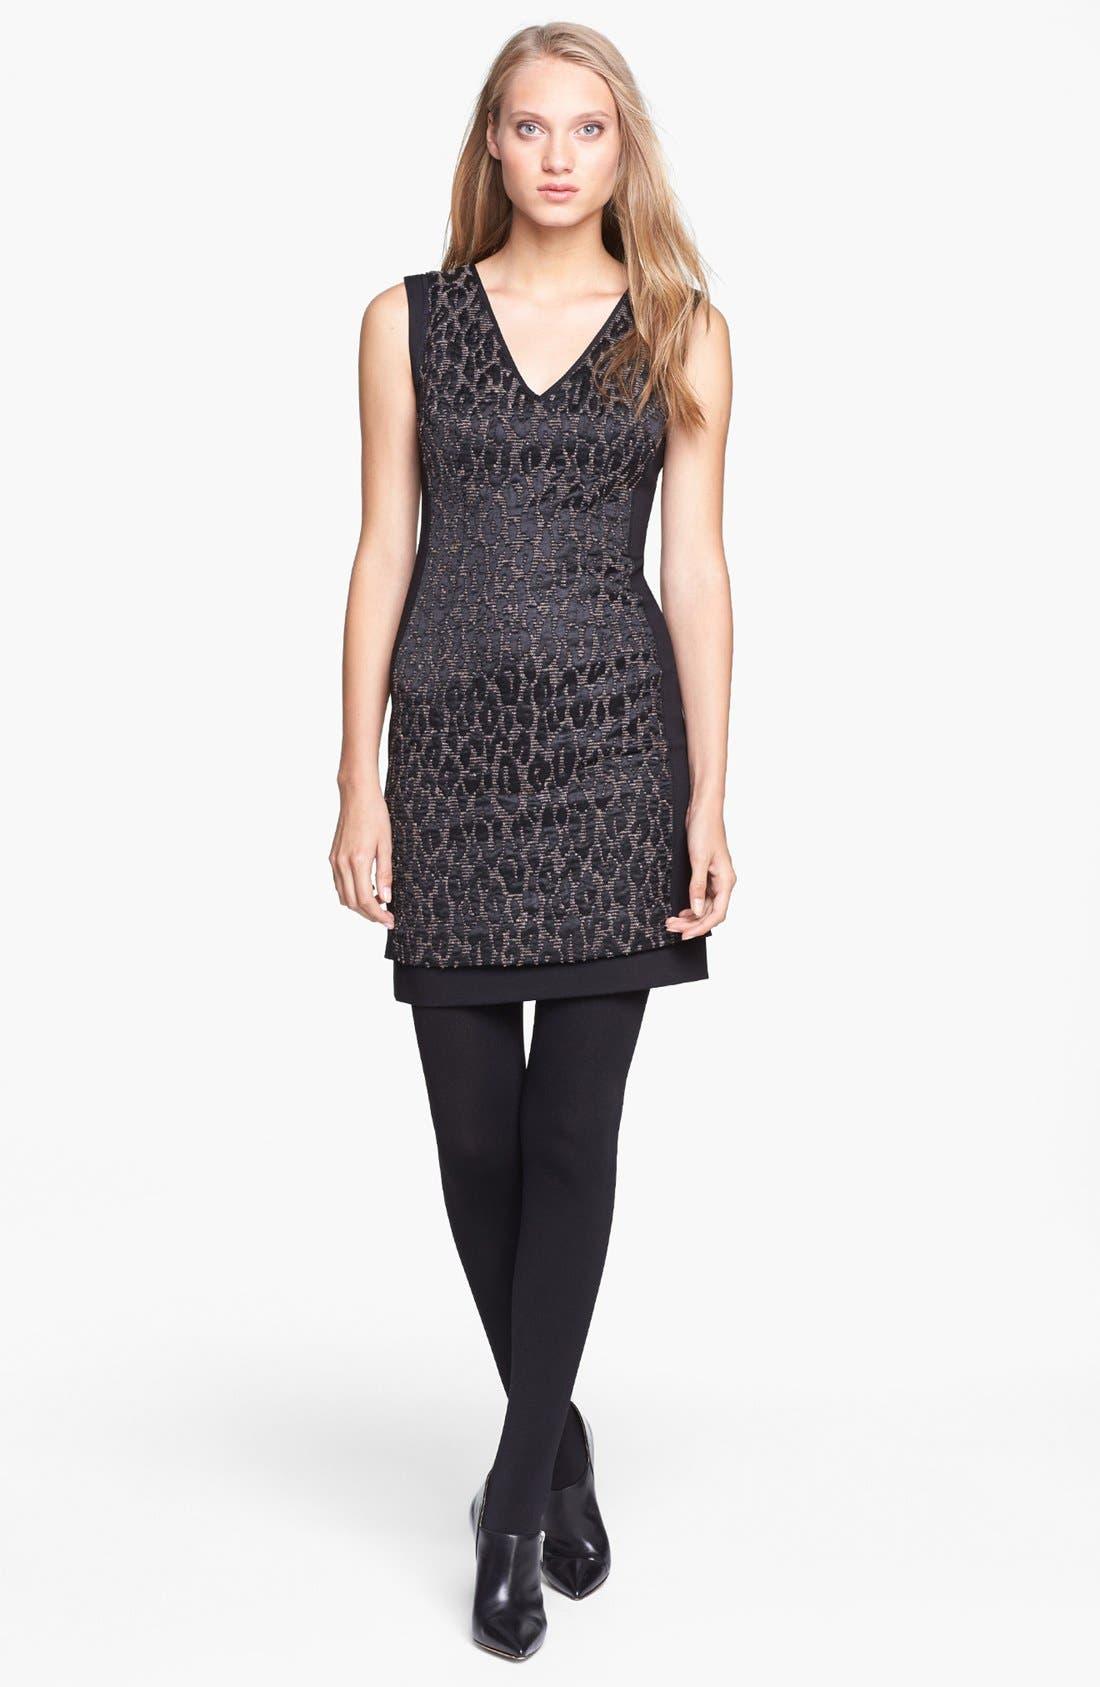 Main Image - Trina Turk 'Sharise' Jacquard Sheath Dress